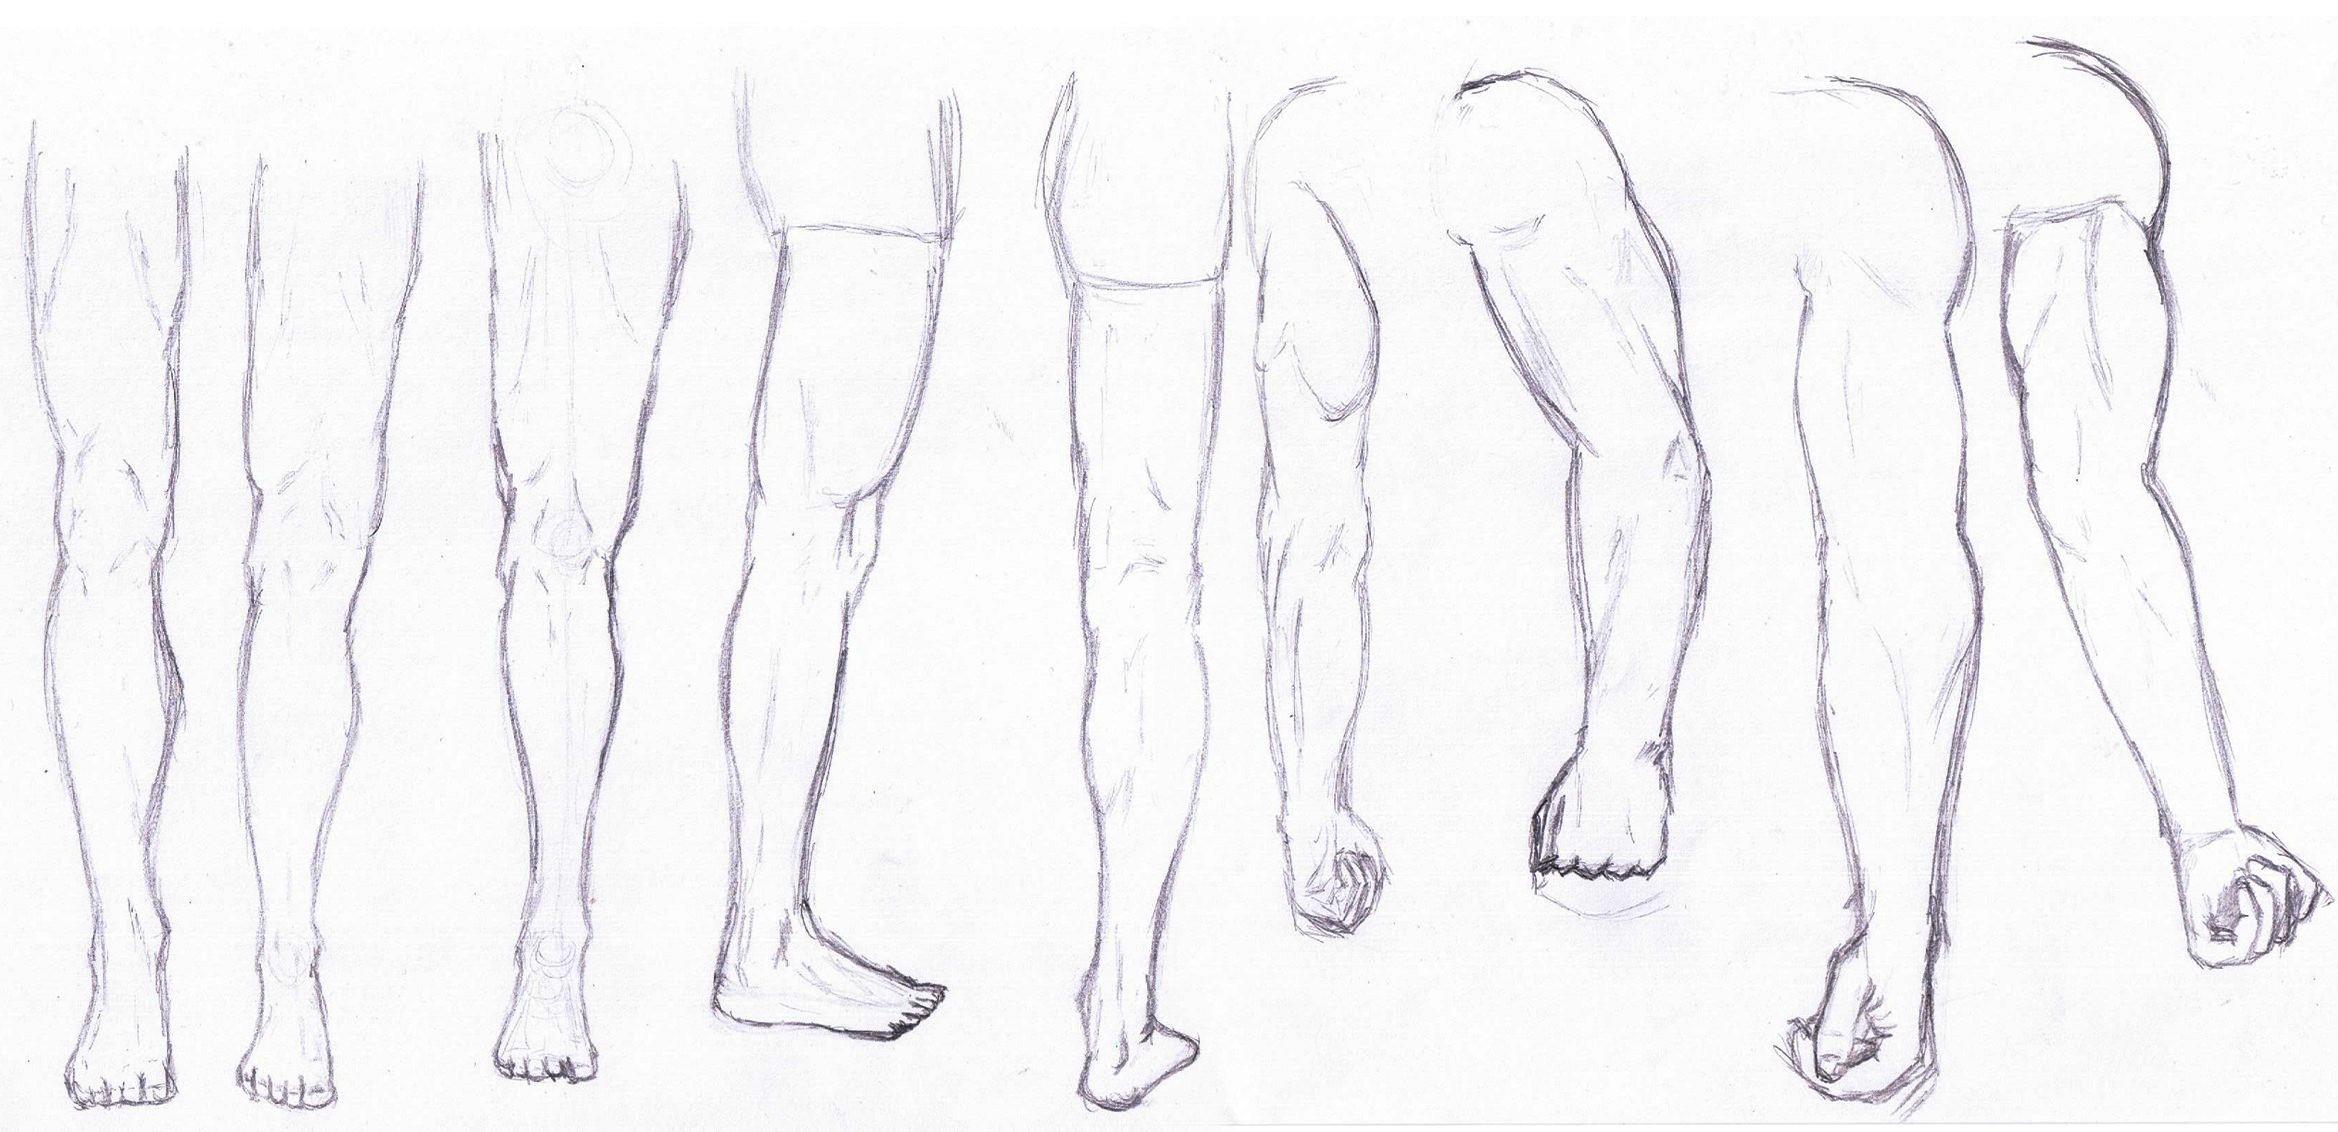 Anatomy Practice Vol. 2